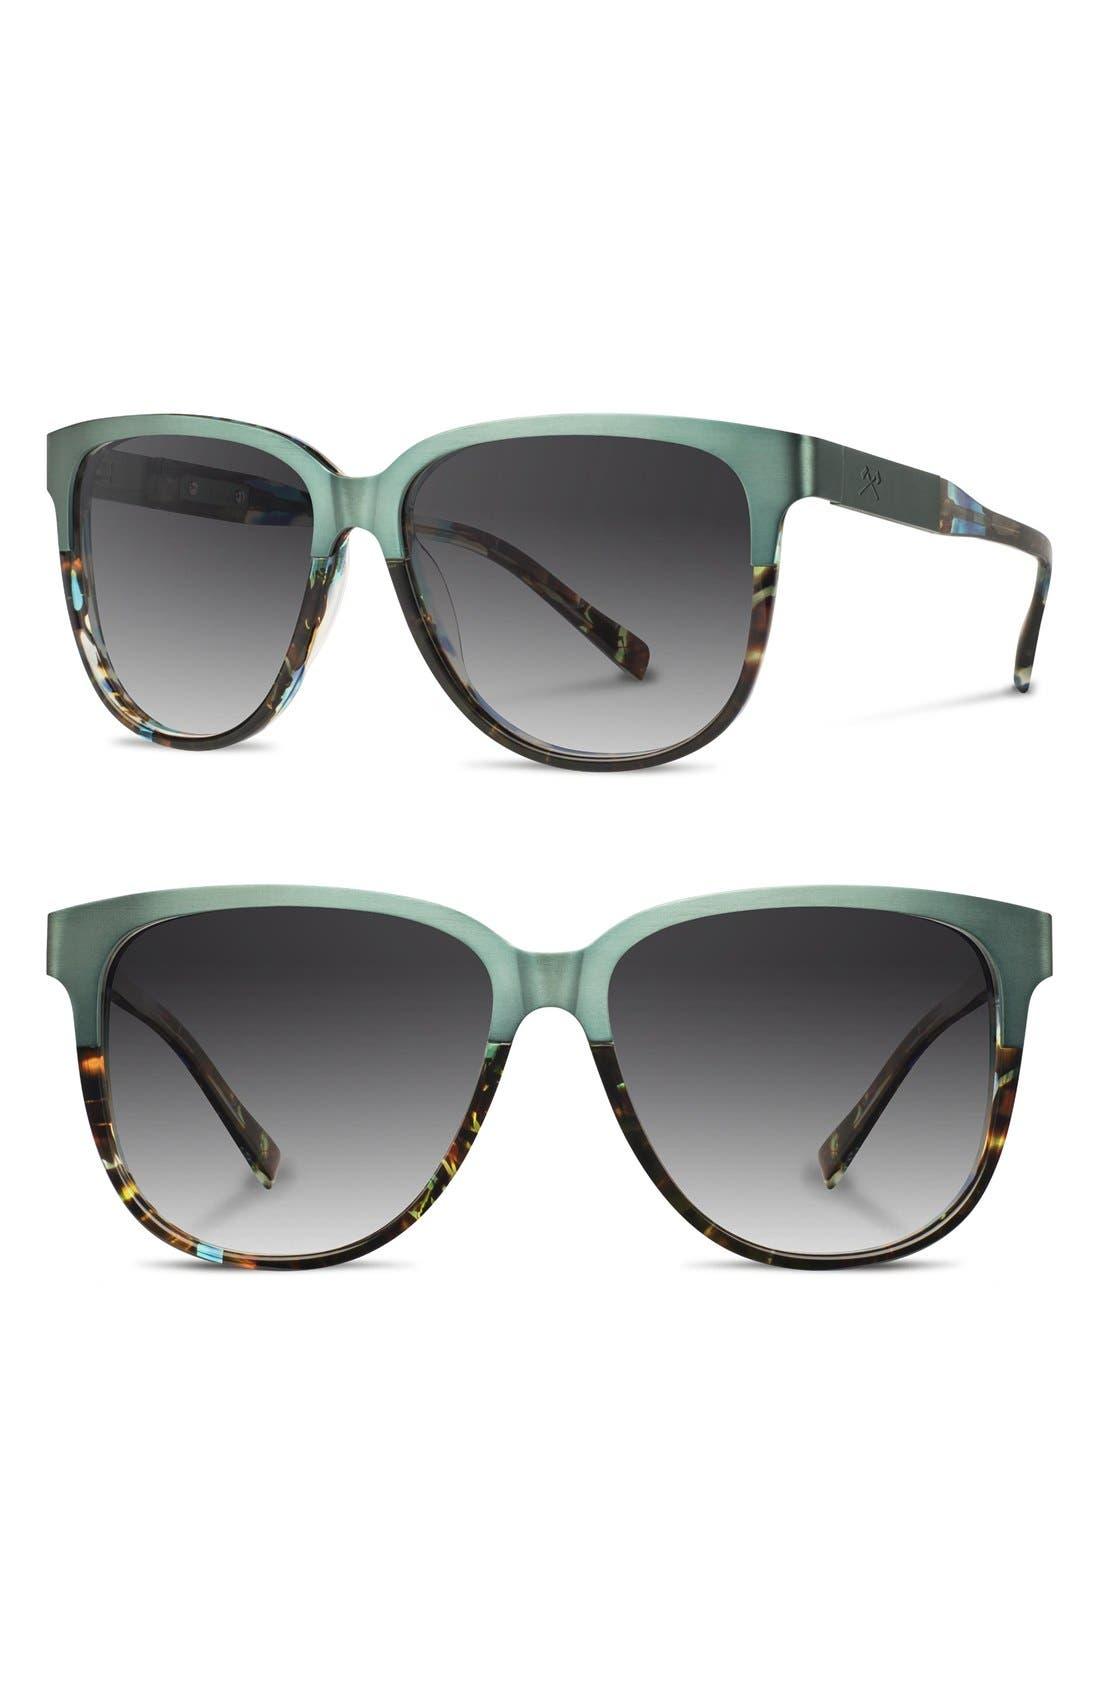 Main Image - Shwood 'McKenzie' 57mm Polarized Sunglasses